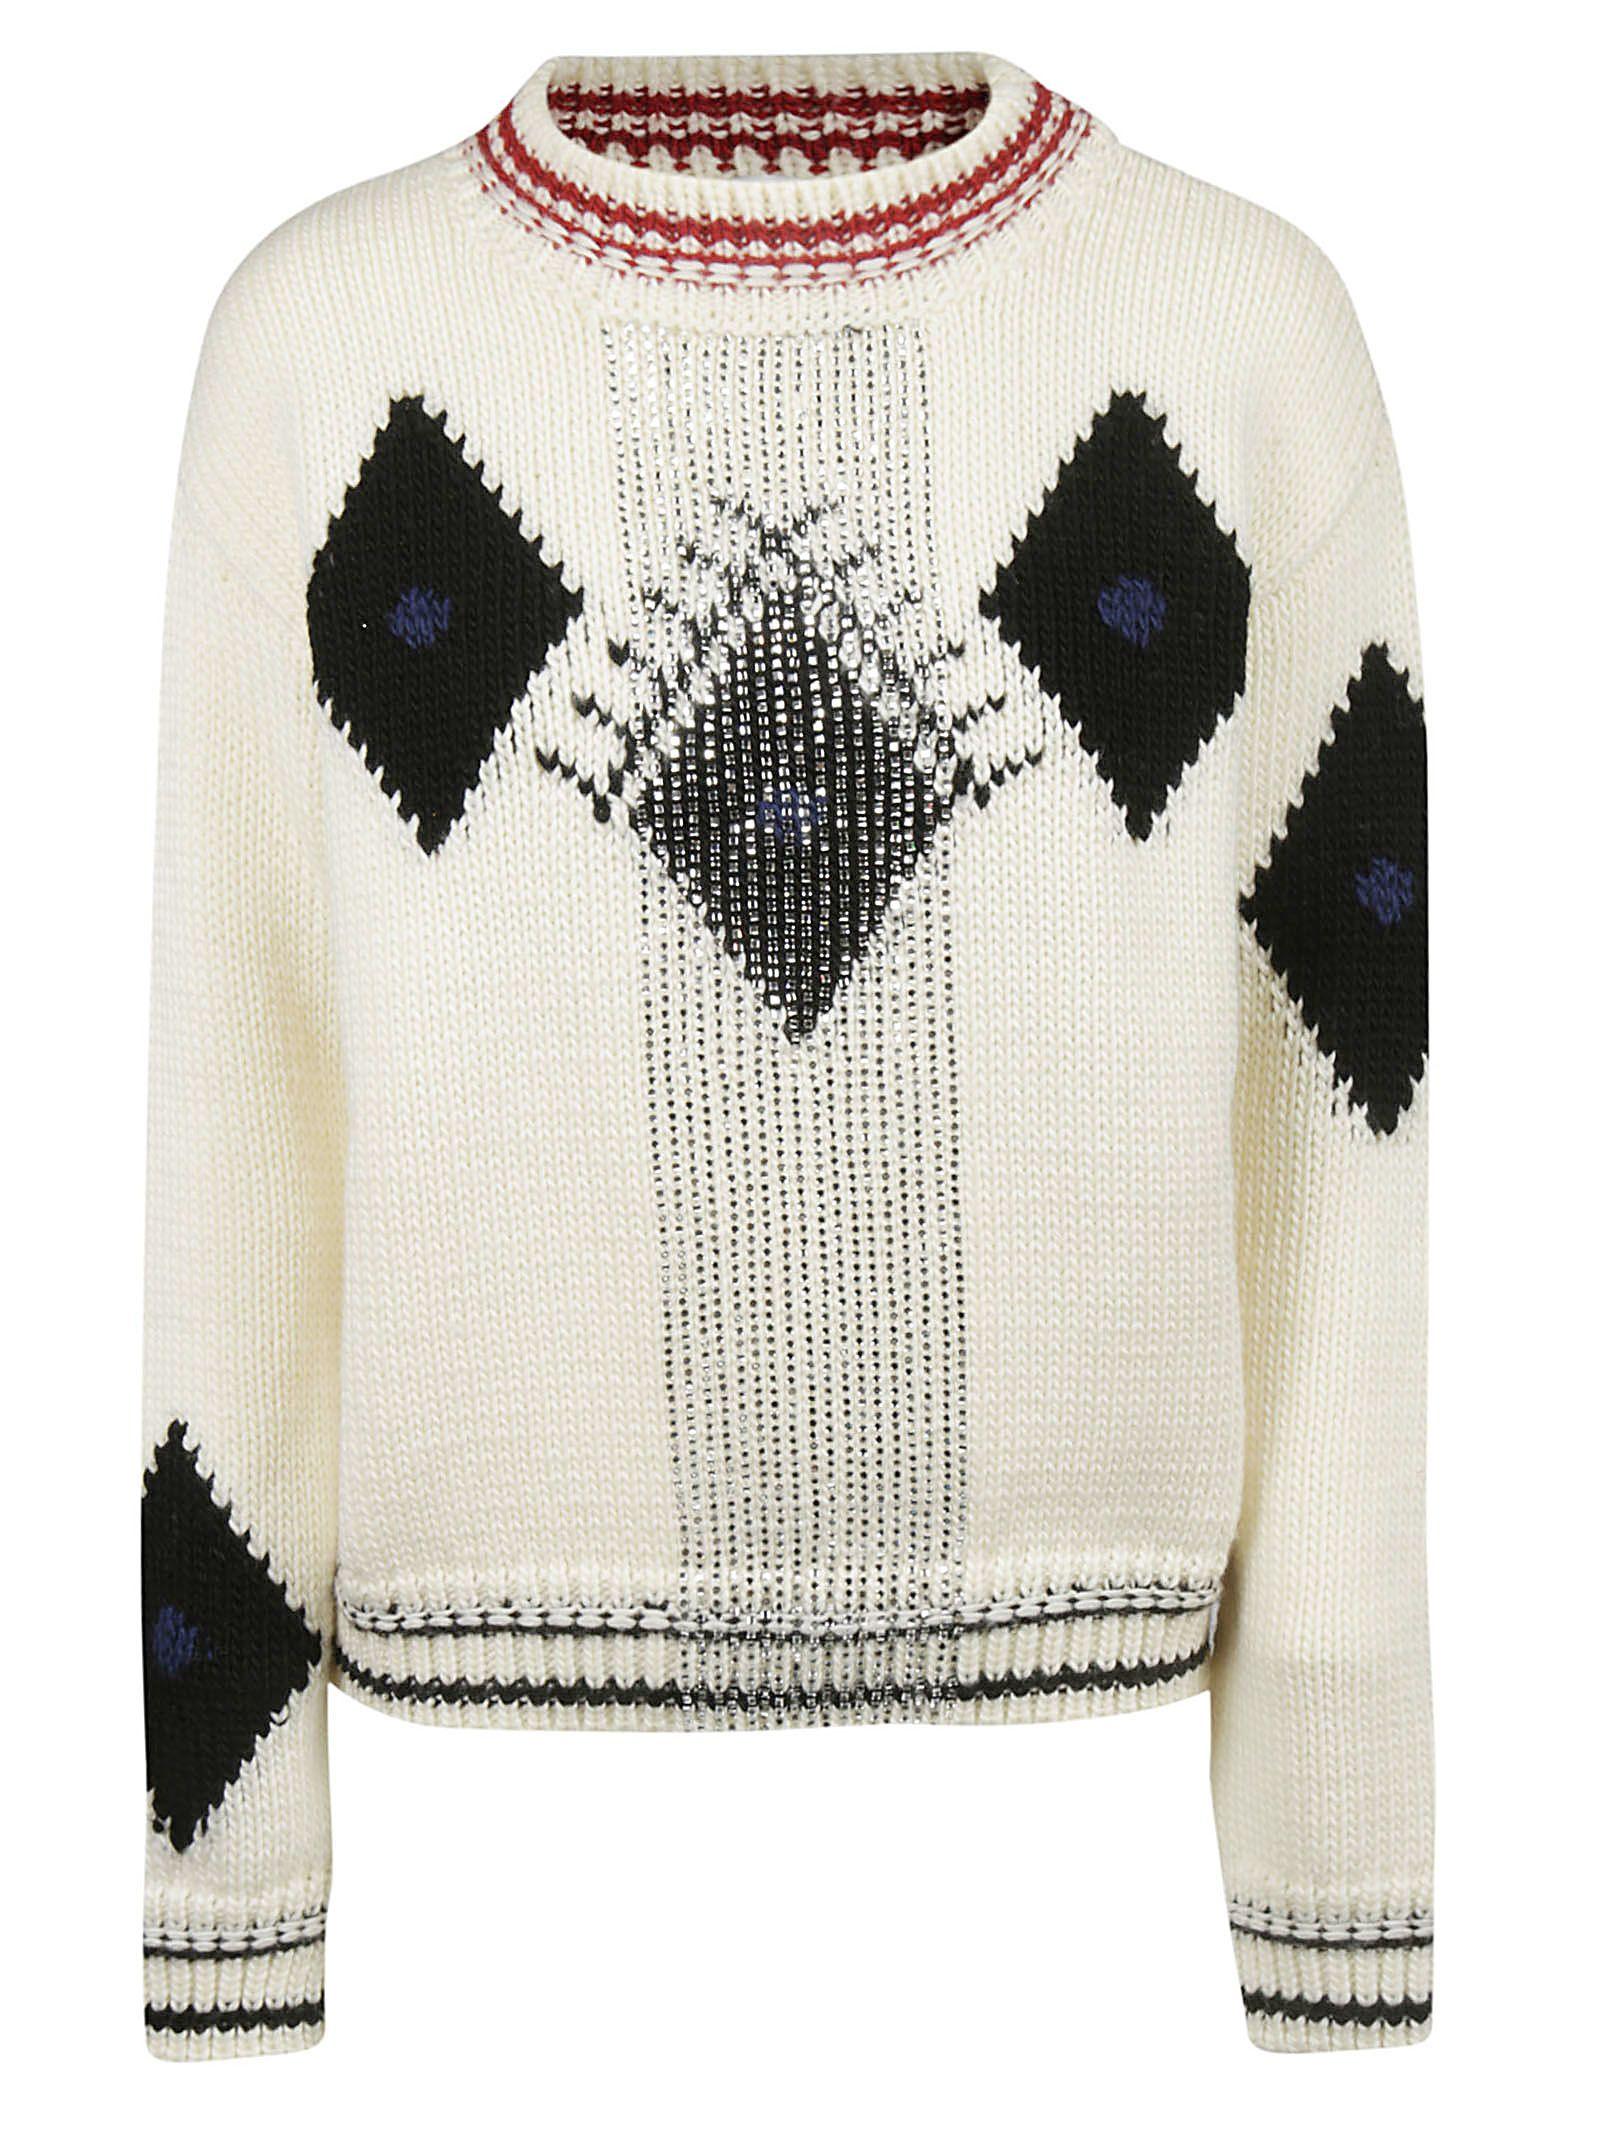 Ermanno Scervino Embellished Sweater